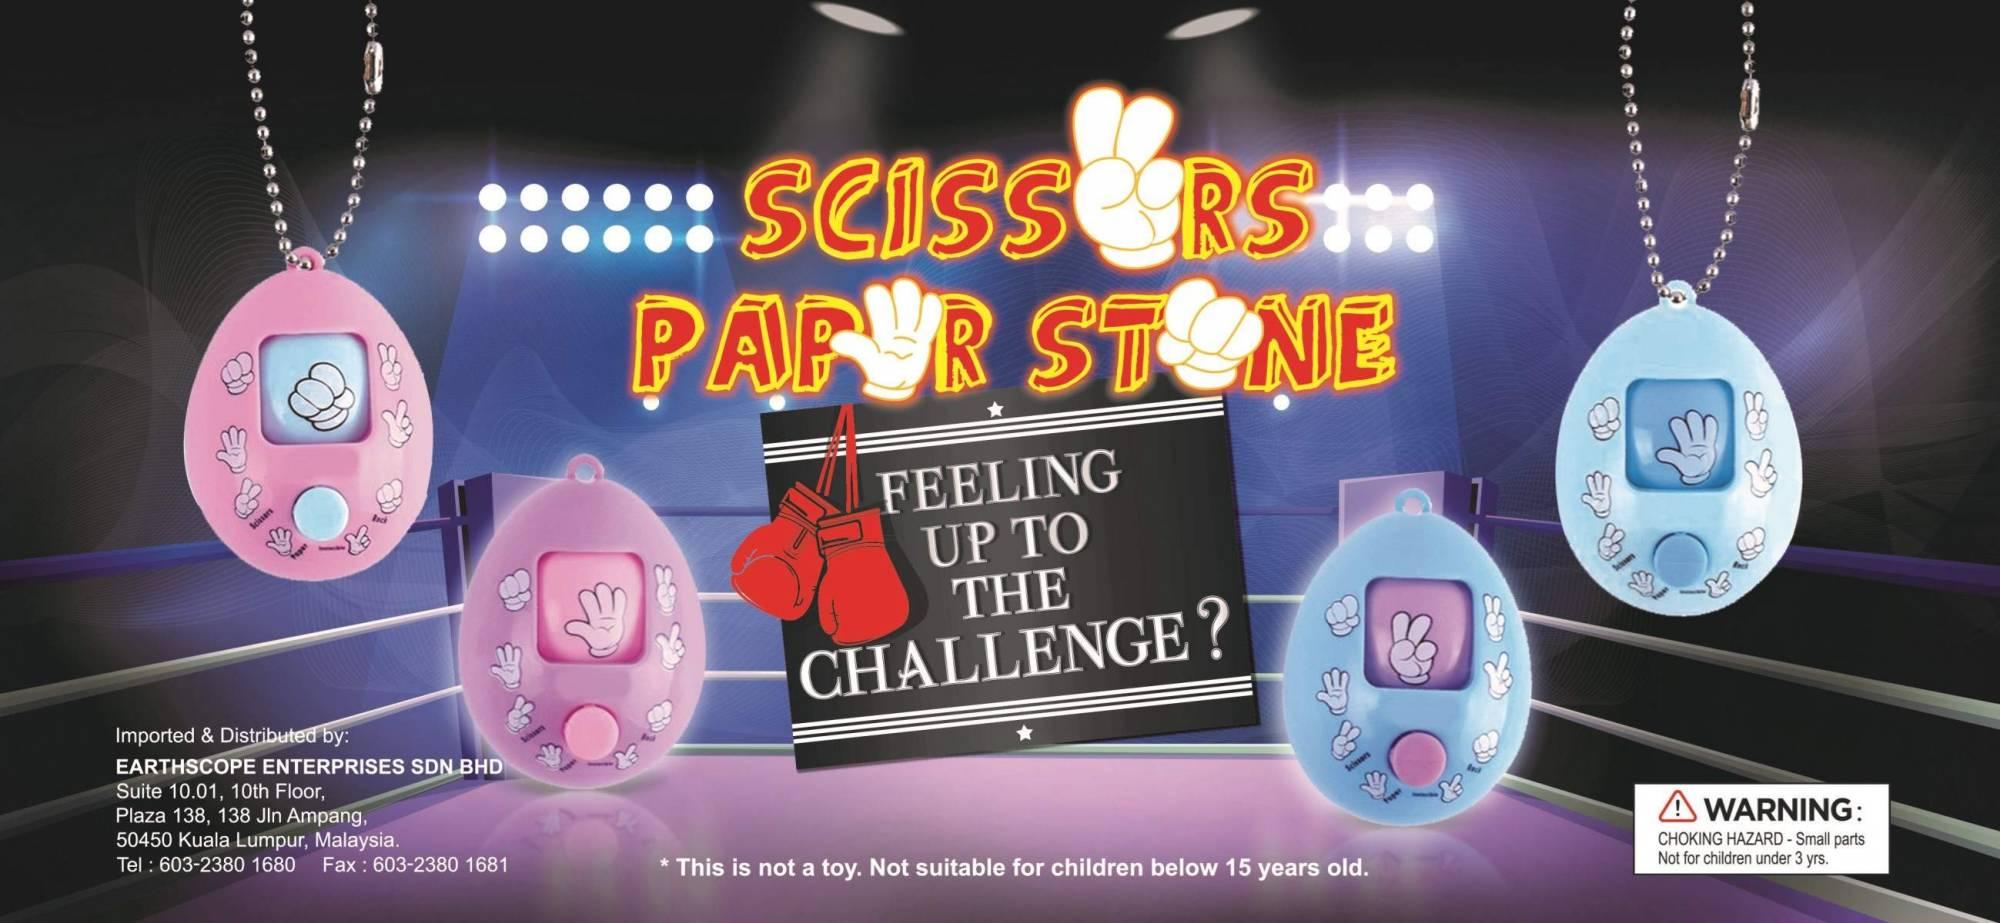 Scissors Paper Stone